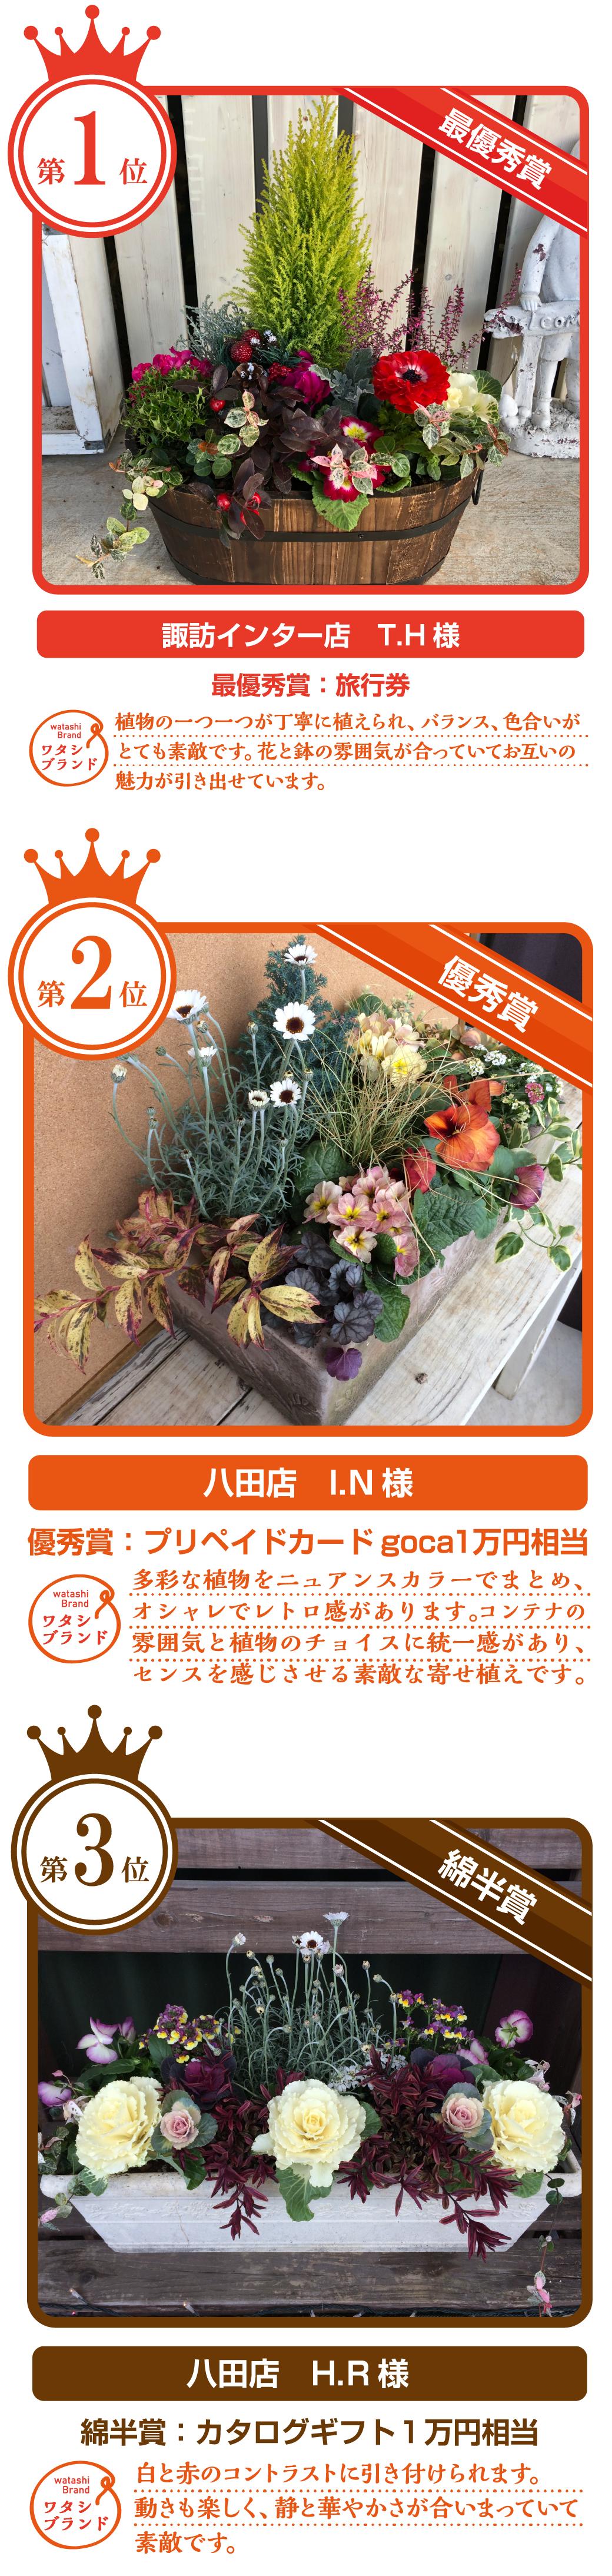 寄せ植えコンテスト-02.png